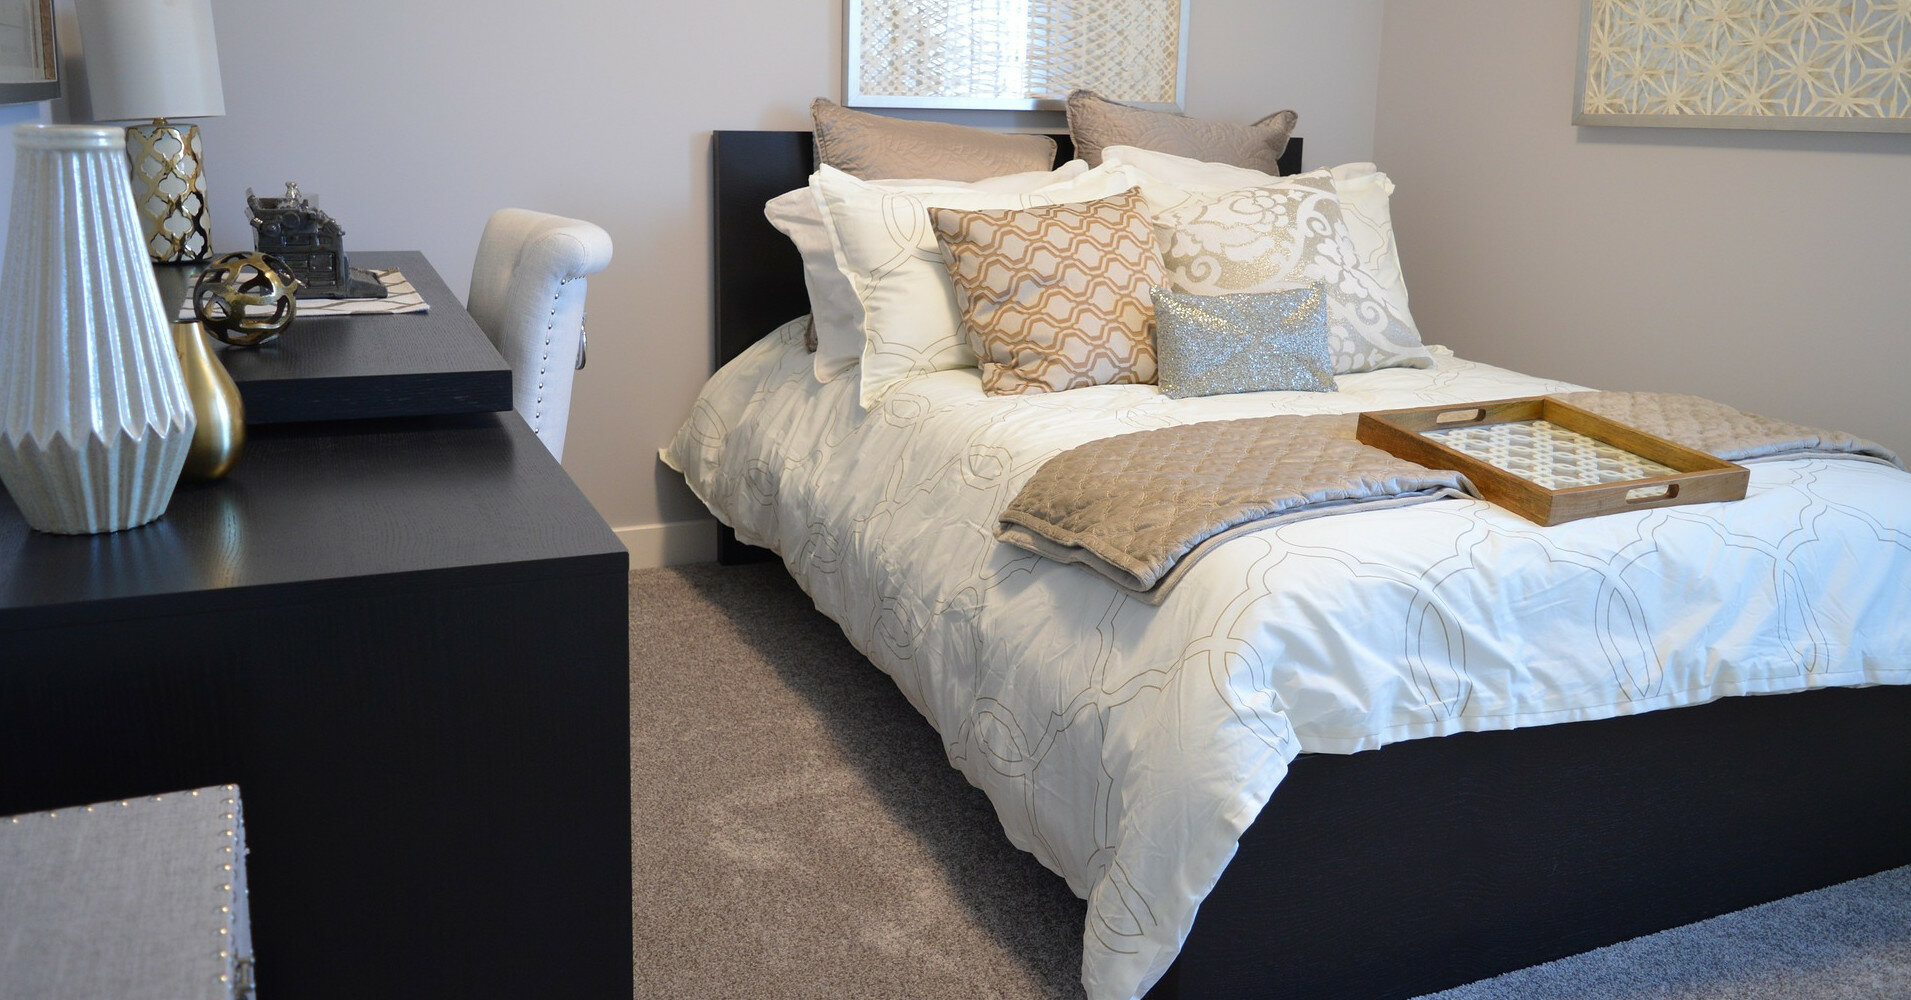 Лучшие стили интерьера для маленьких квартир 2021